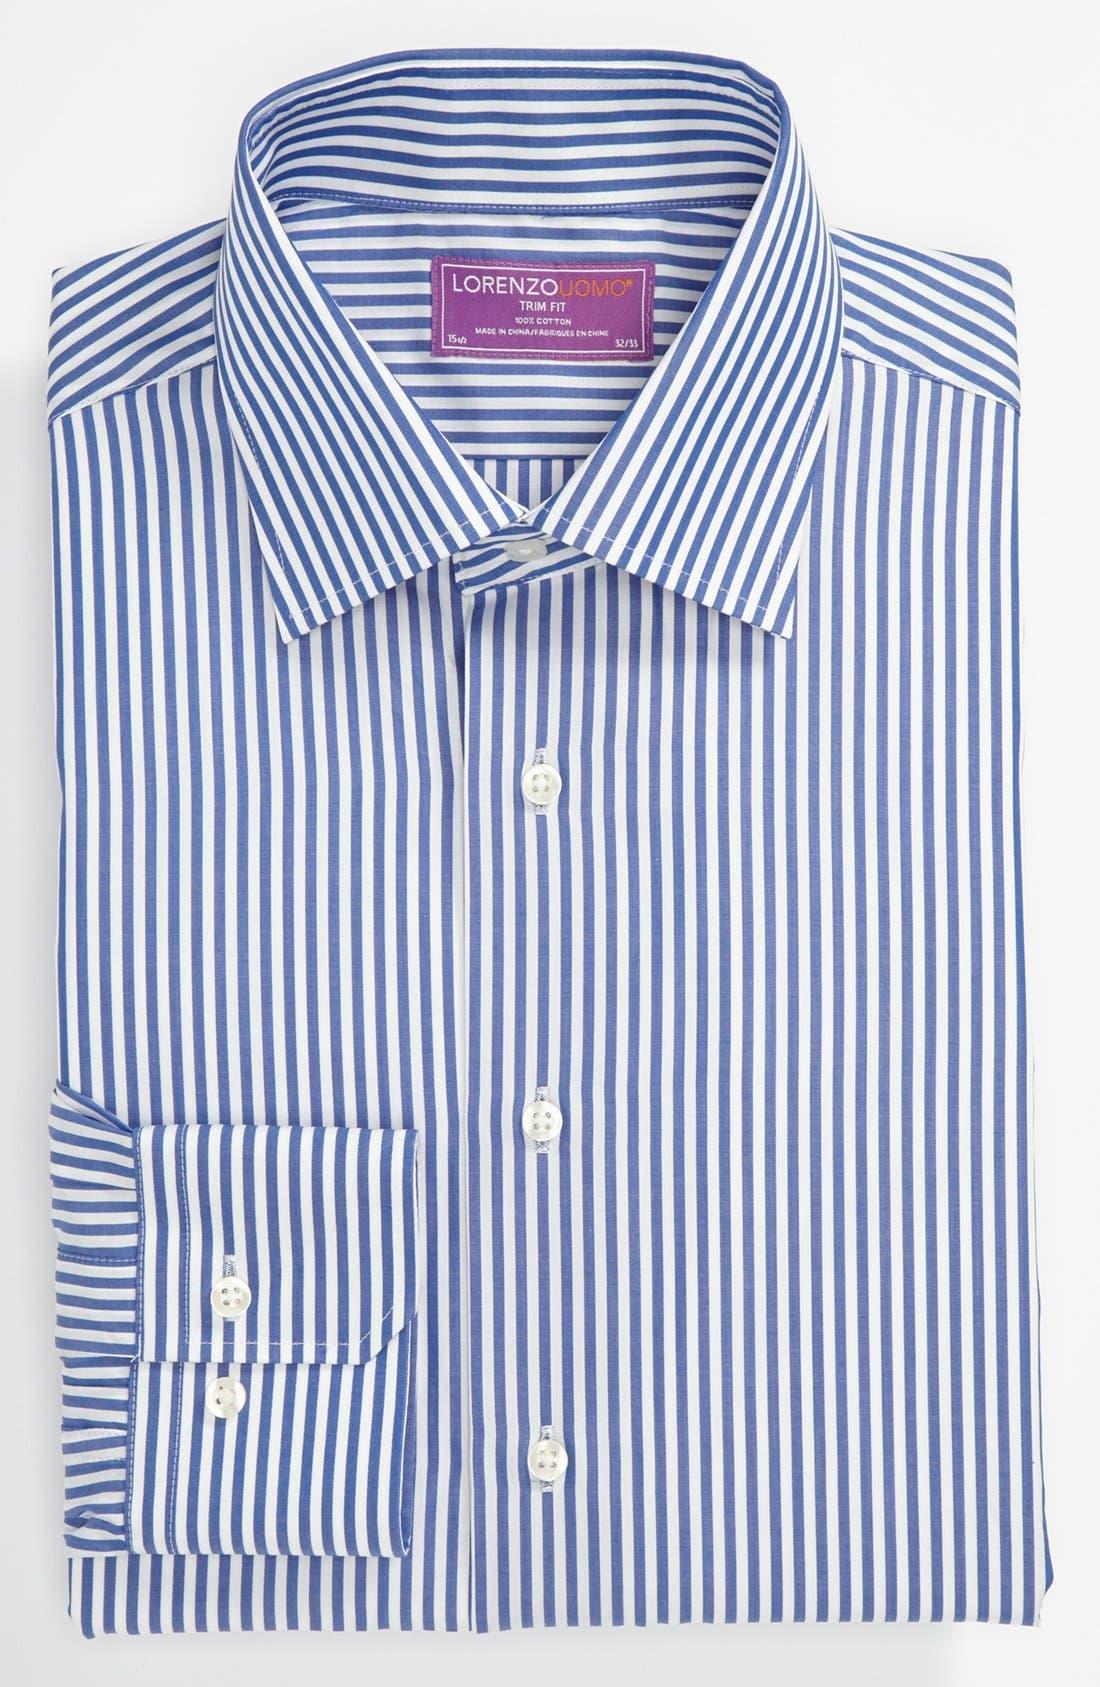 Trim Fit Dress Shirt, Main, color, 400